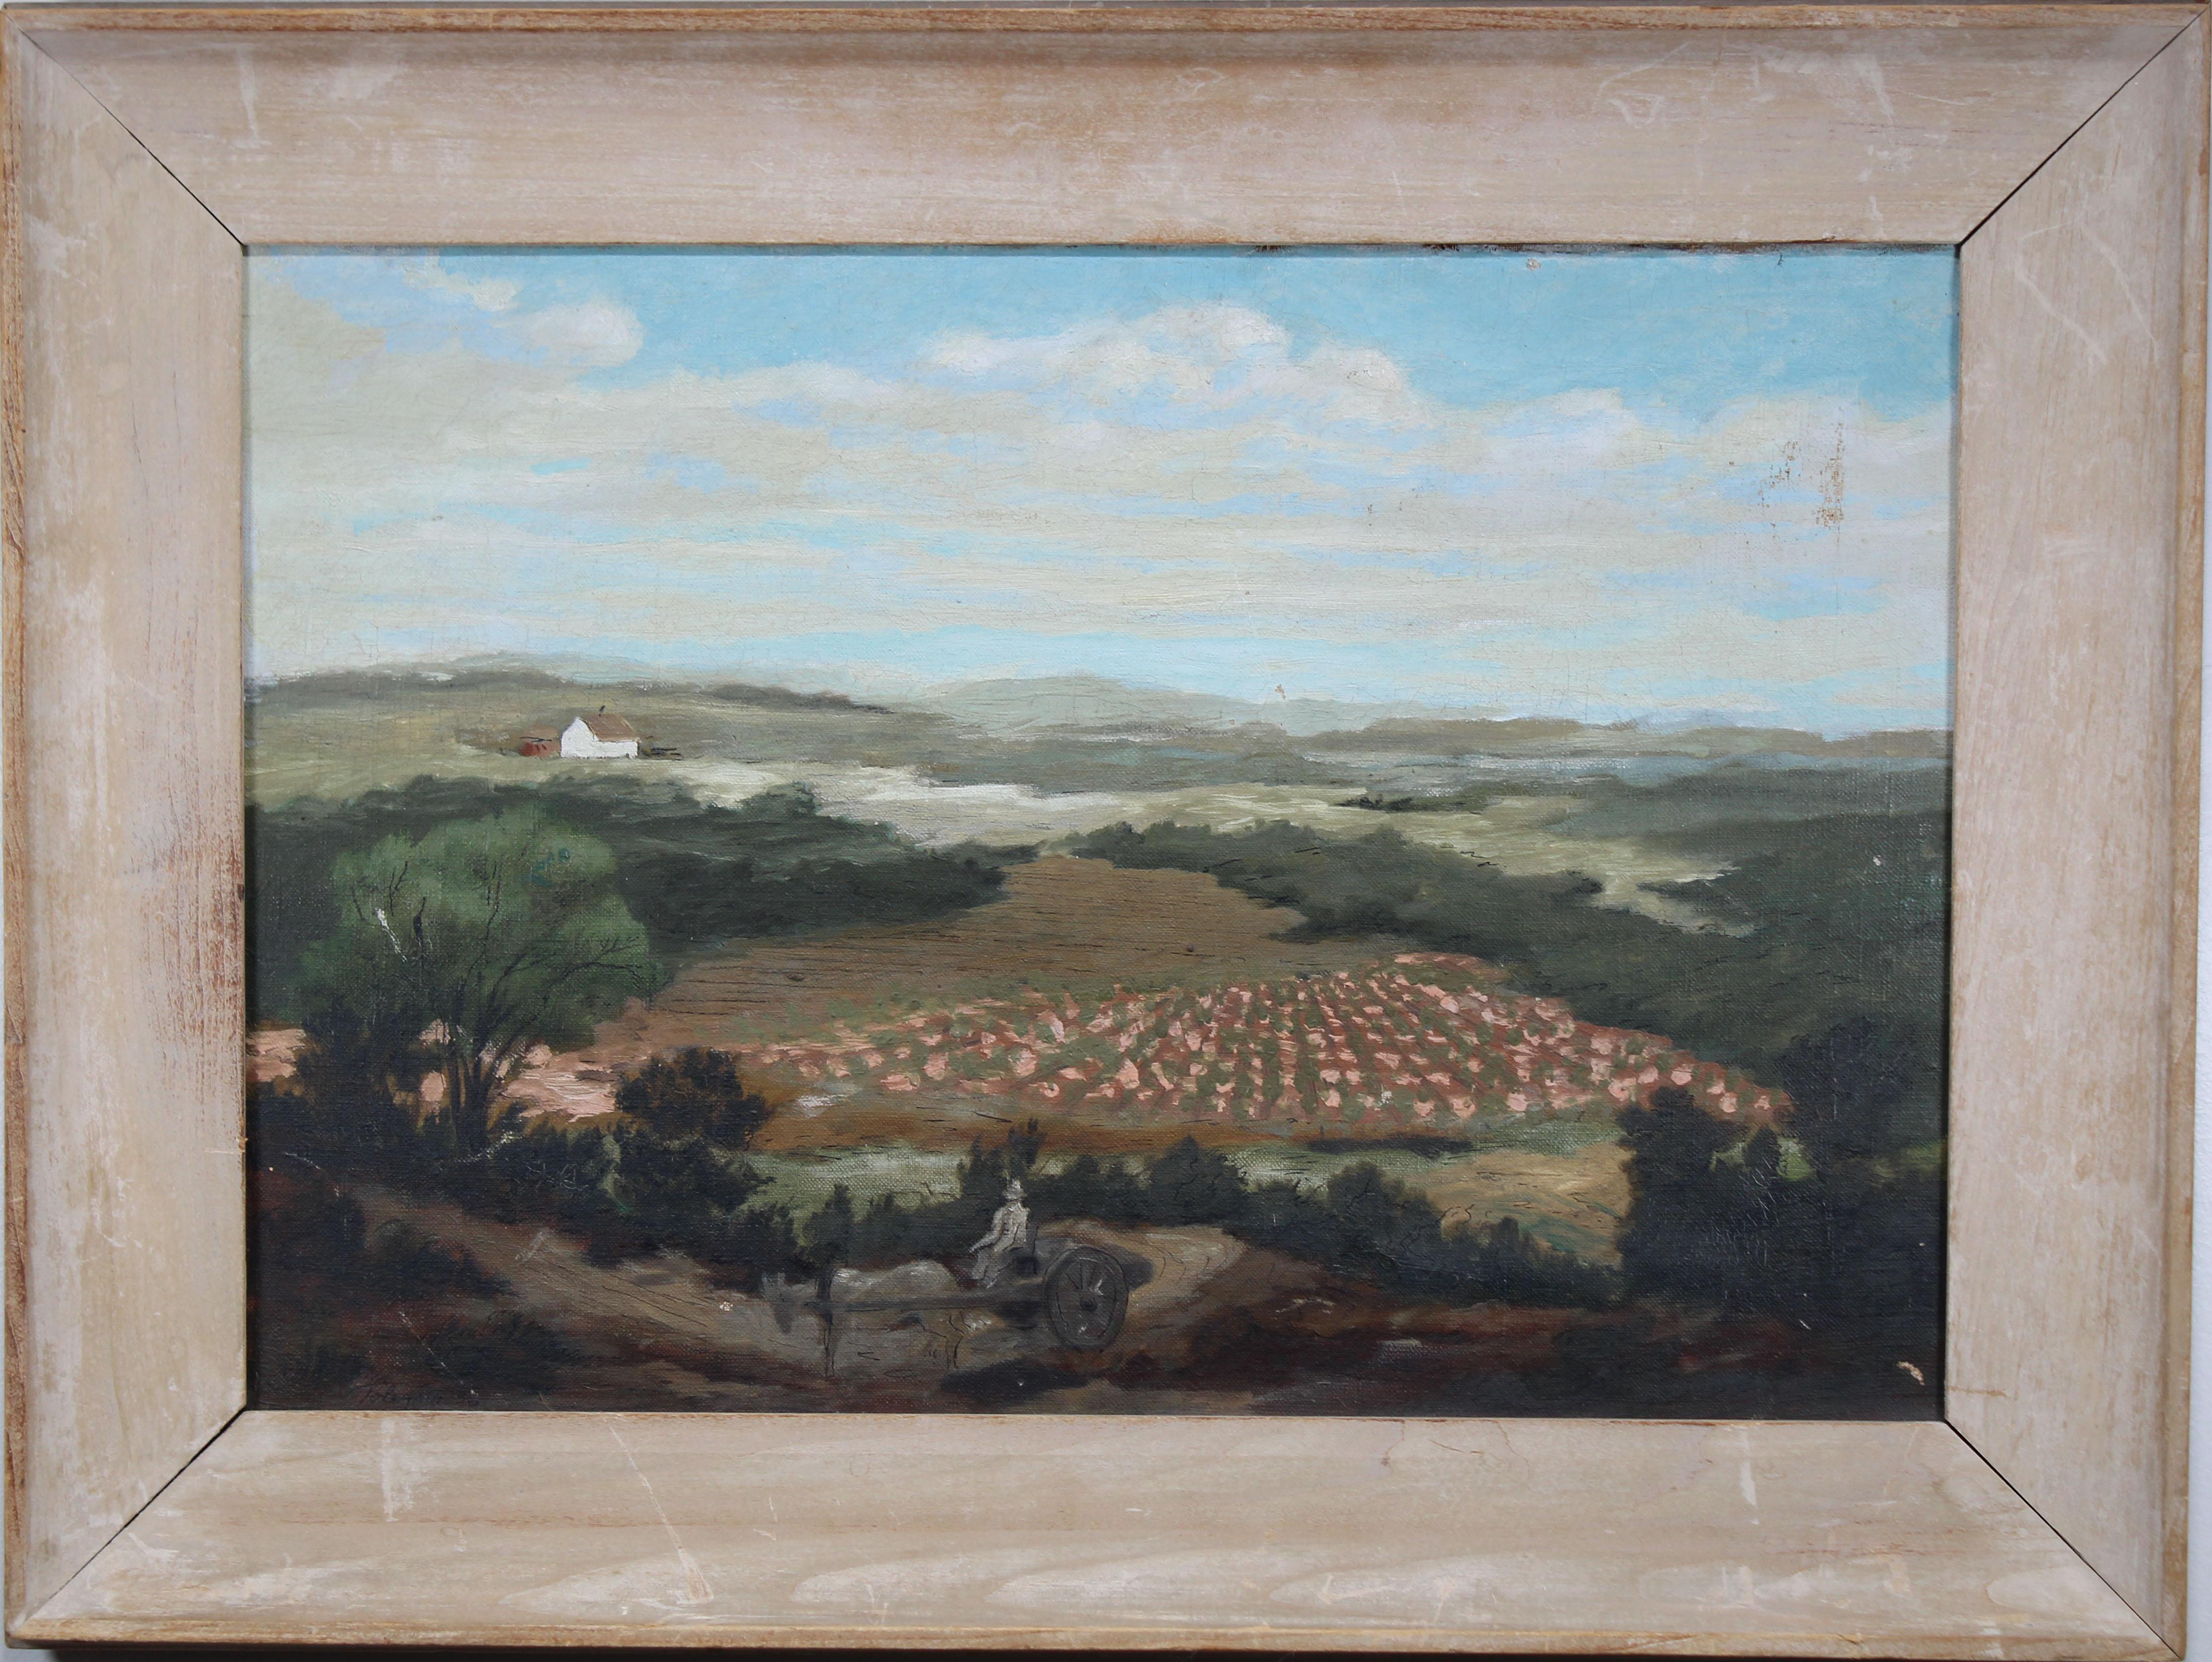 Lot 227a - Manuel Tolegian (California, 1911 - 1983)